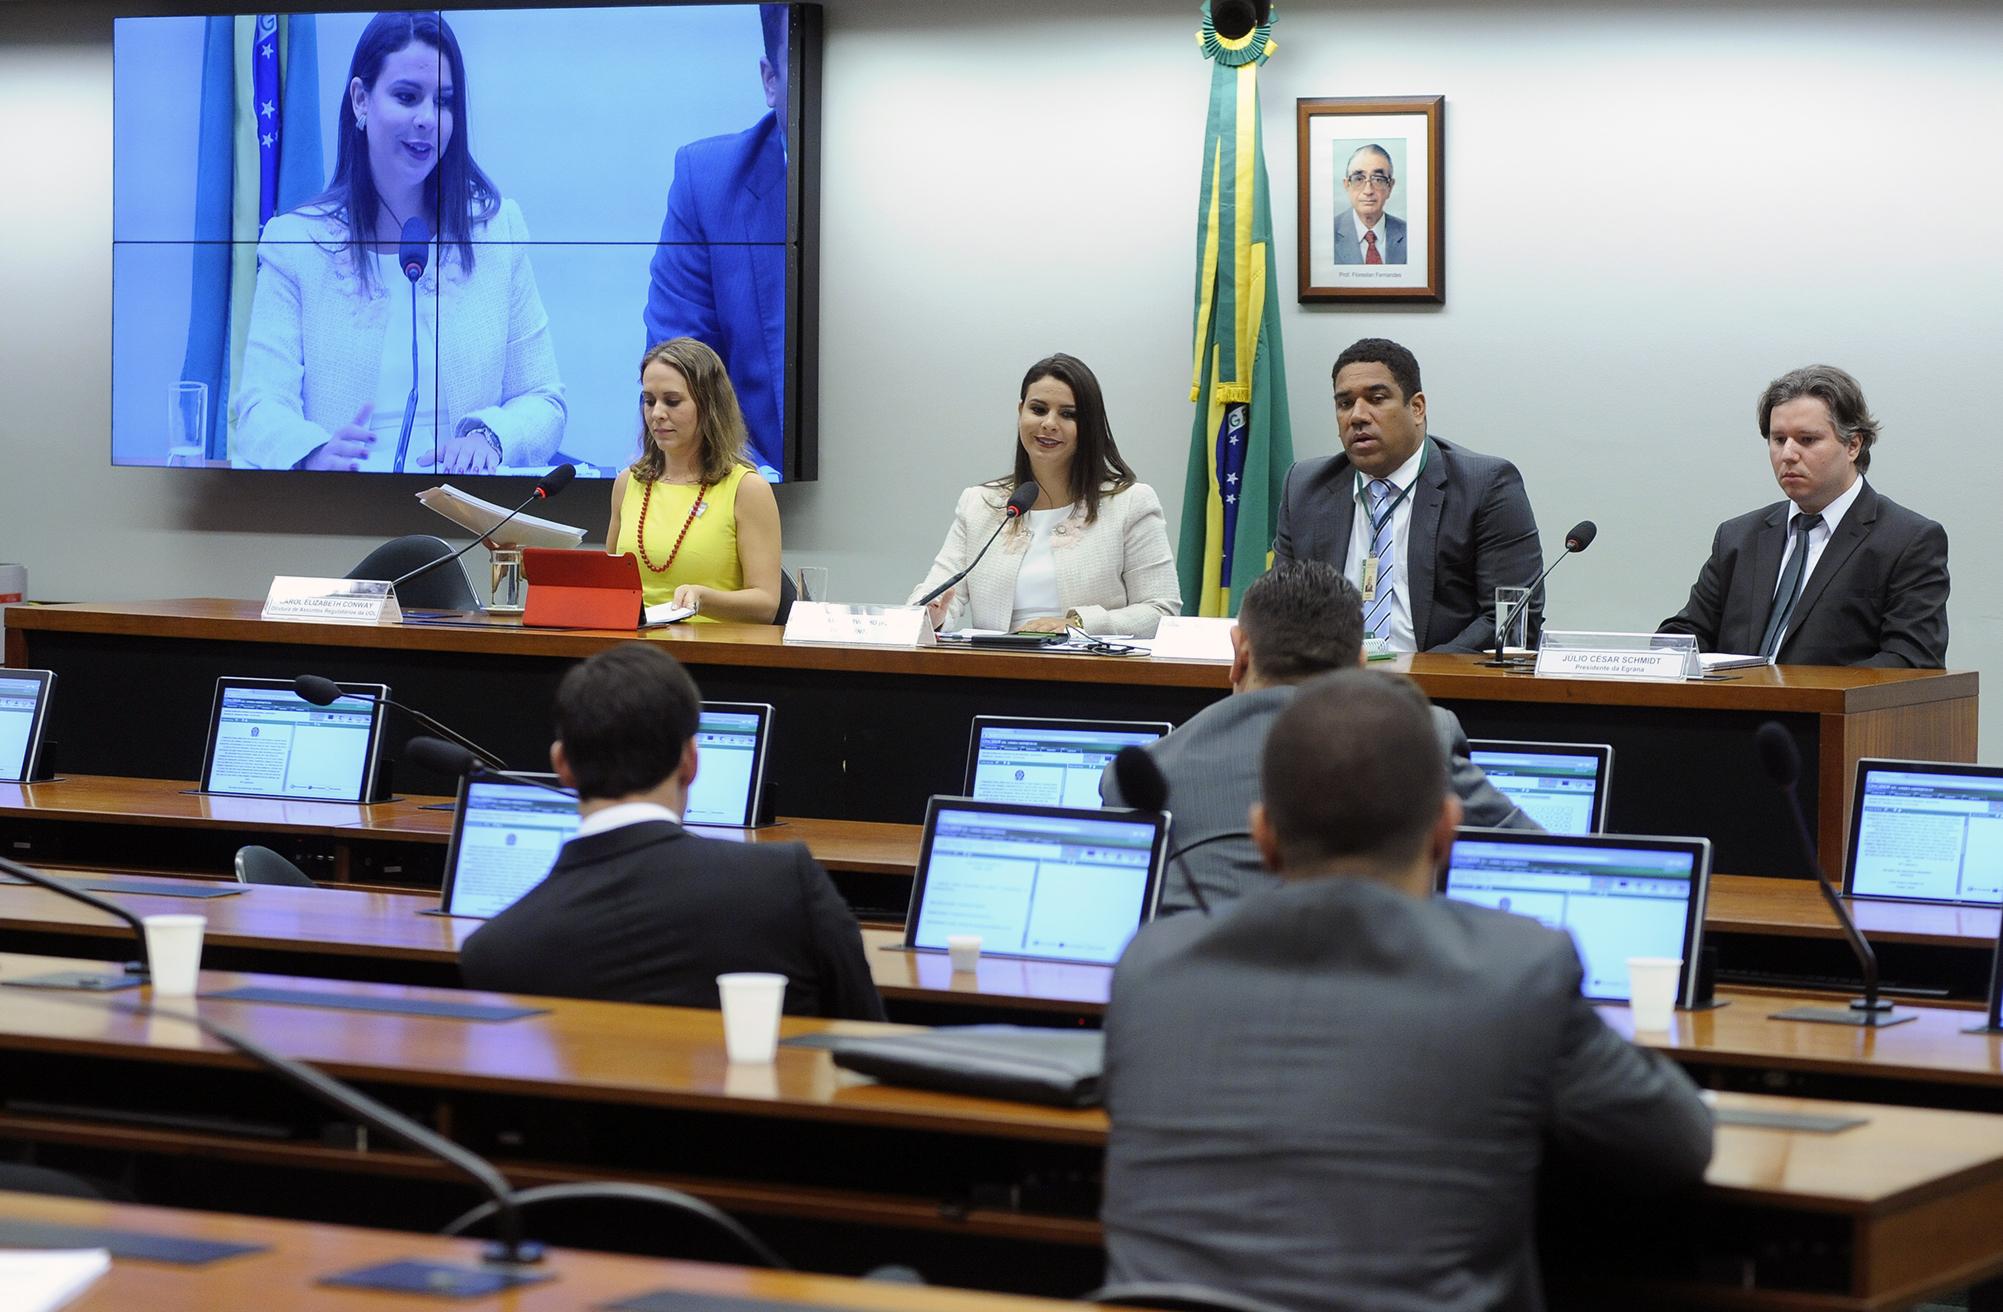 Audiência pública para discussão sobre a publicidade na internet e conteúdos ilícitos